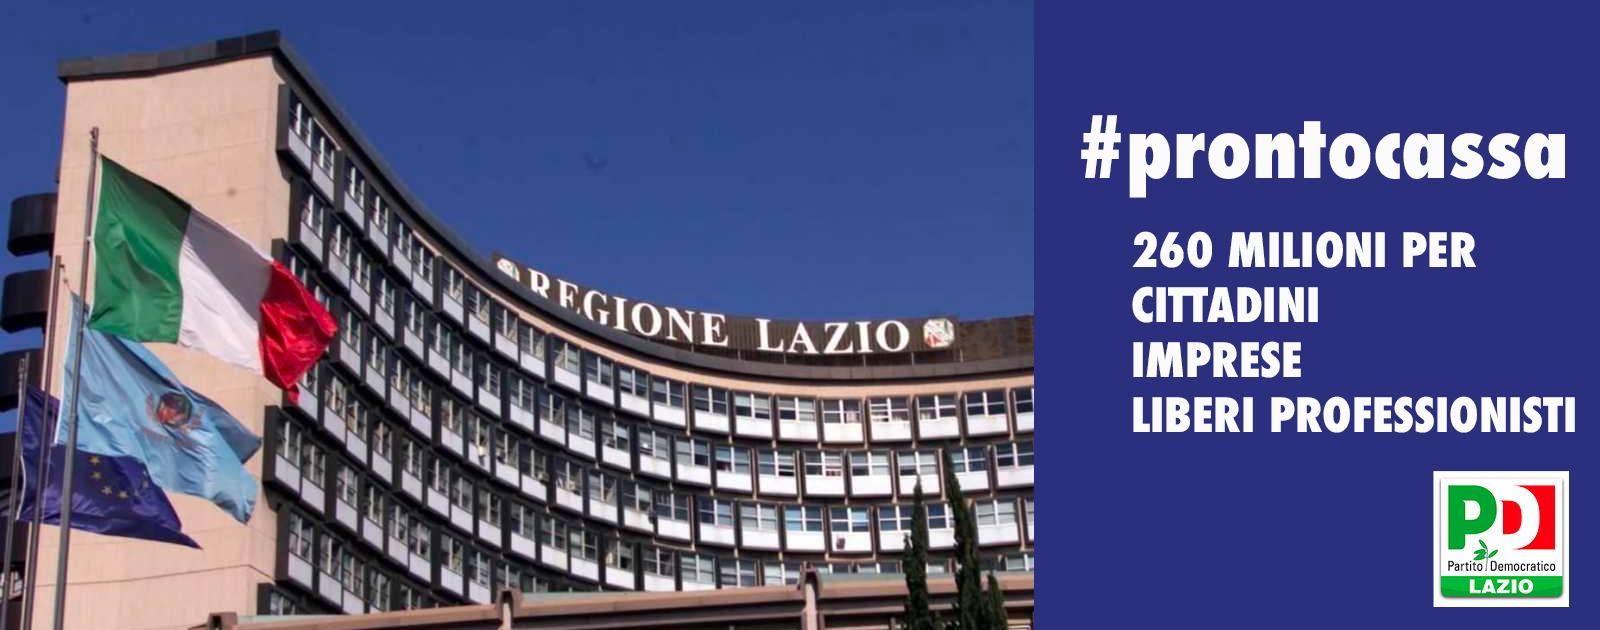 La Regione Lazio al fianco dei cittadini, delle imprese e dei liberi professionisti